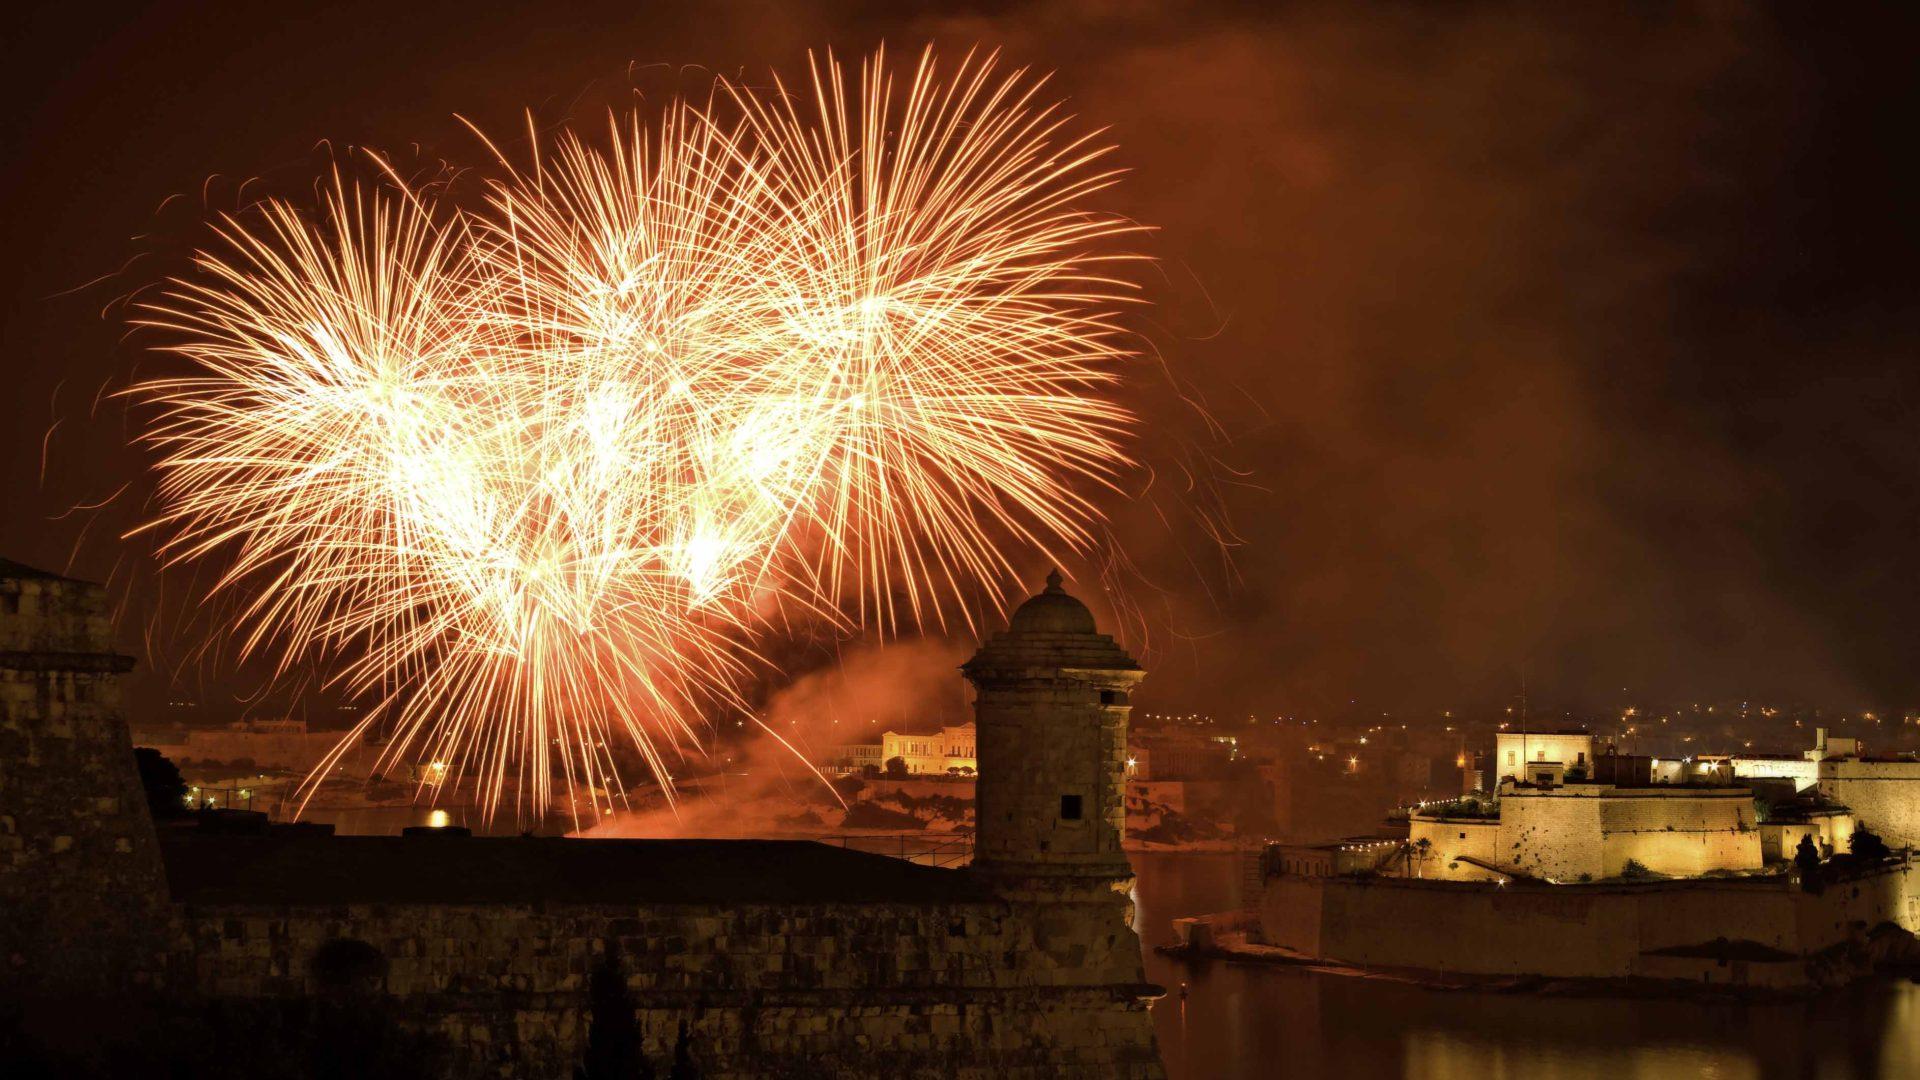 Capodanno a Malta: musica e tanto sano divertimento per festeggiare alla grande